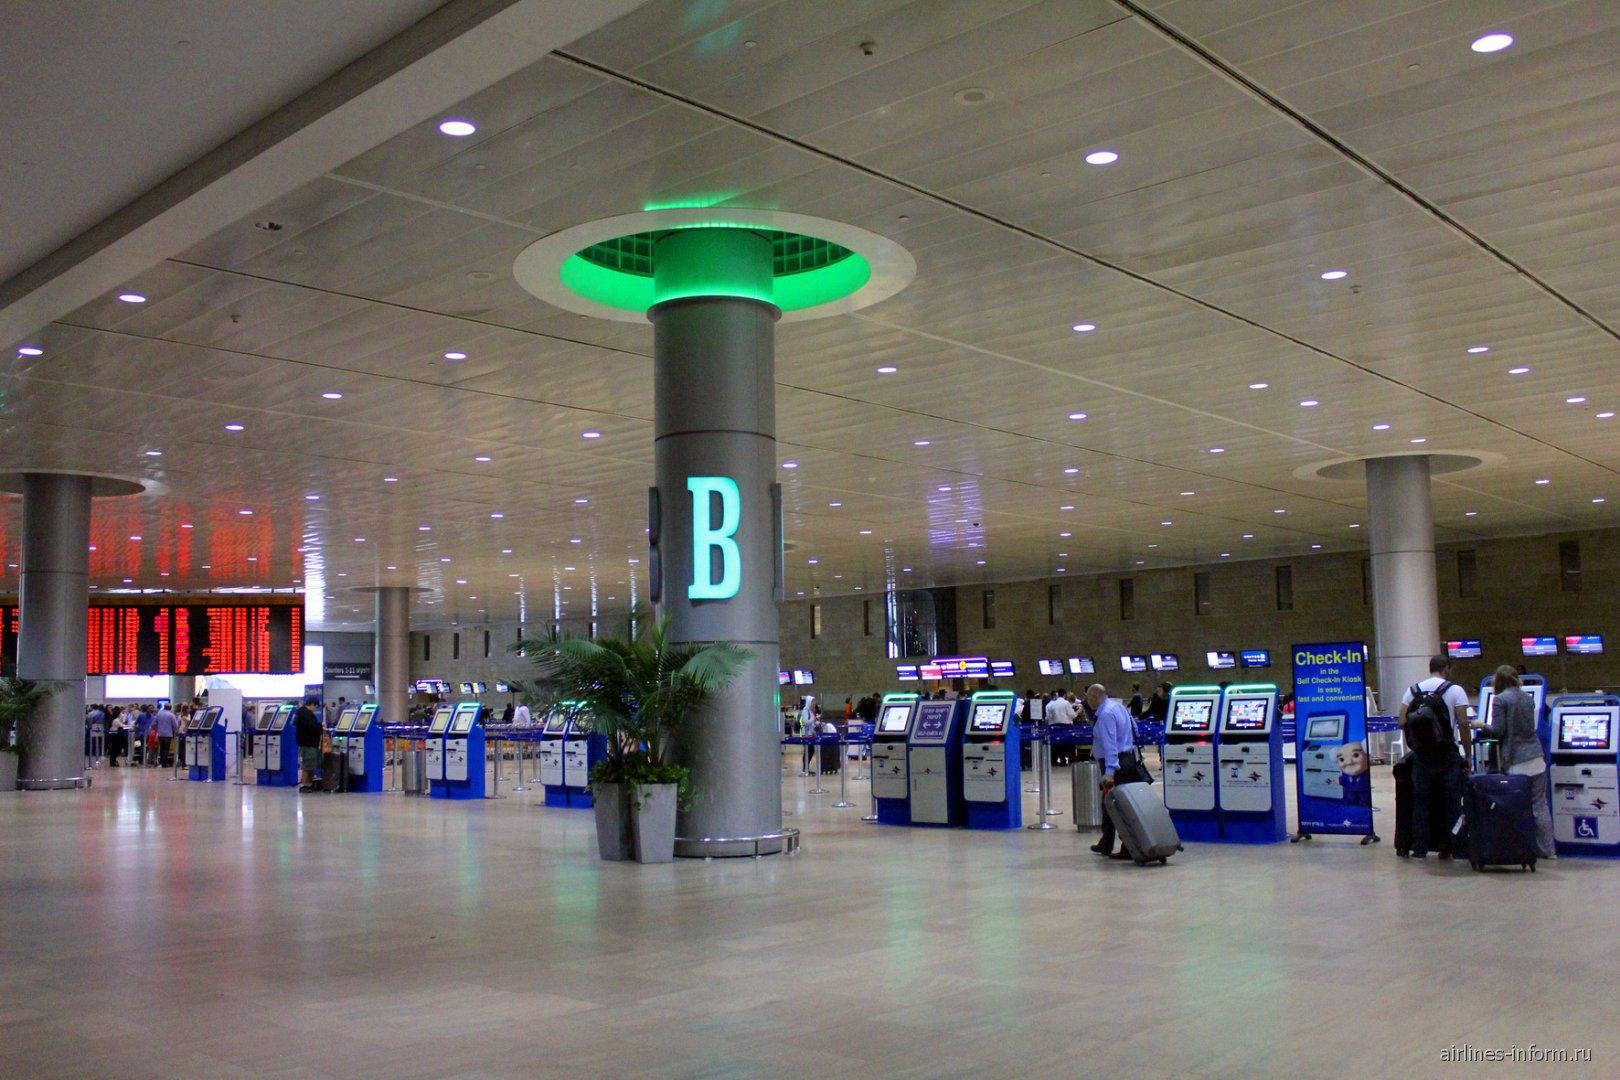 Сектор B зала вылета аэропорта Тель-Авив Бен Гурион